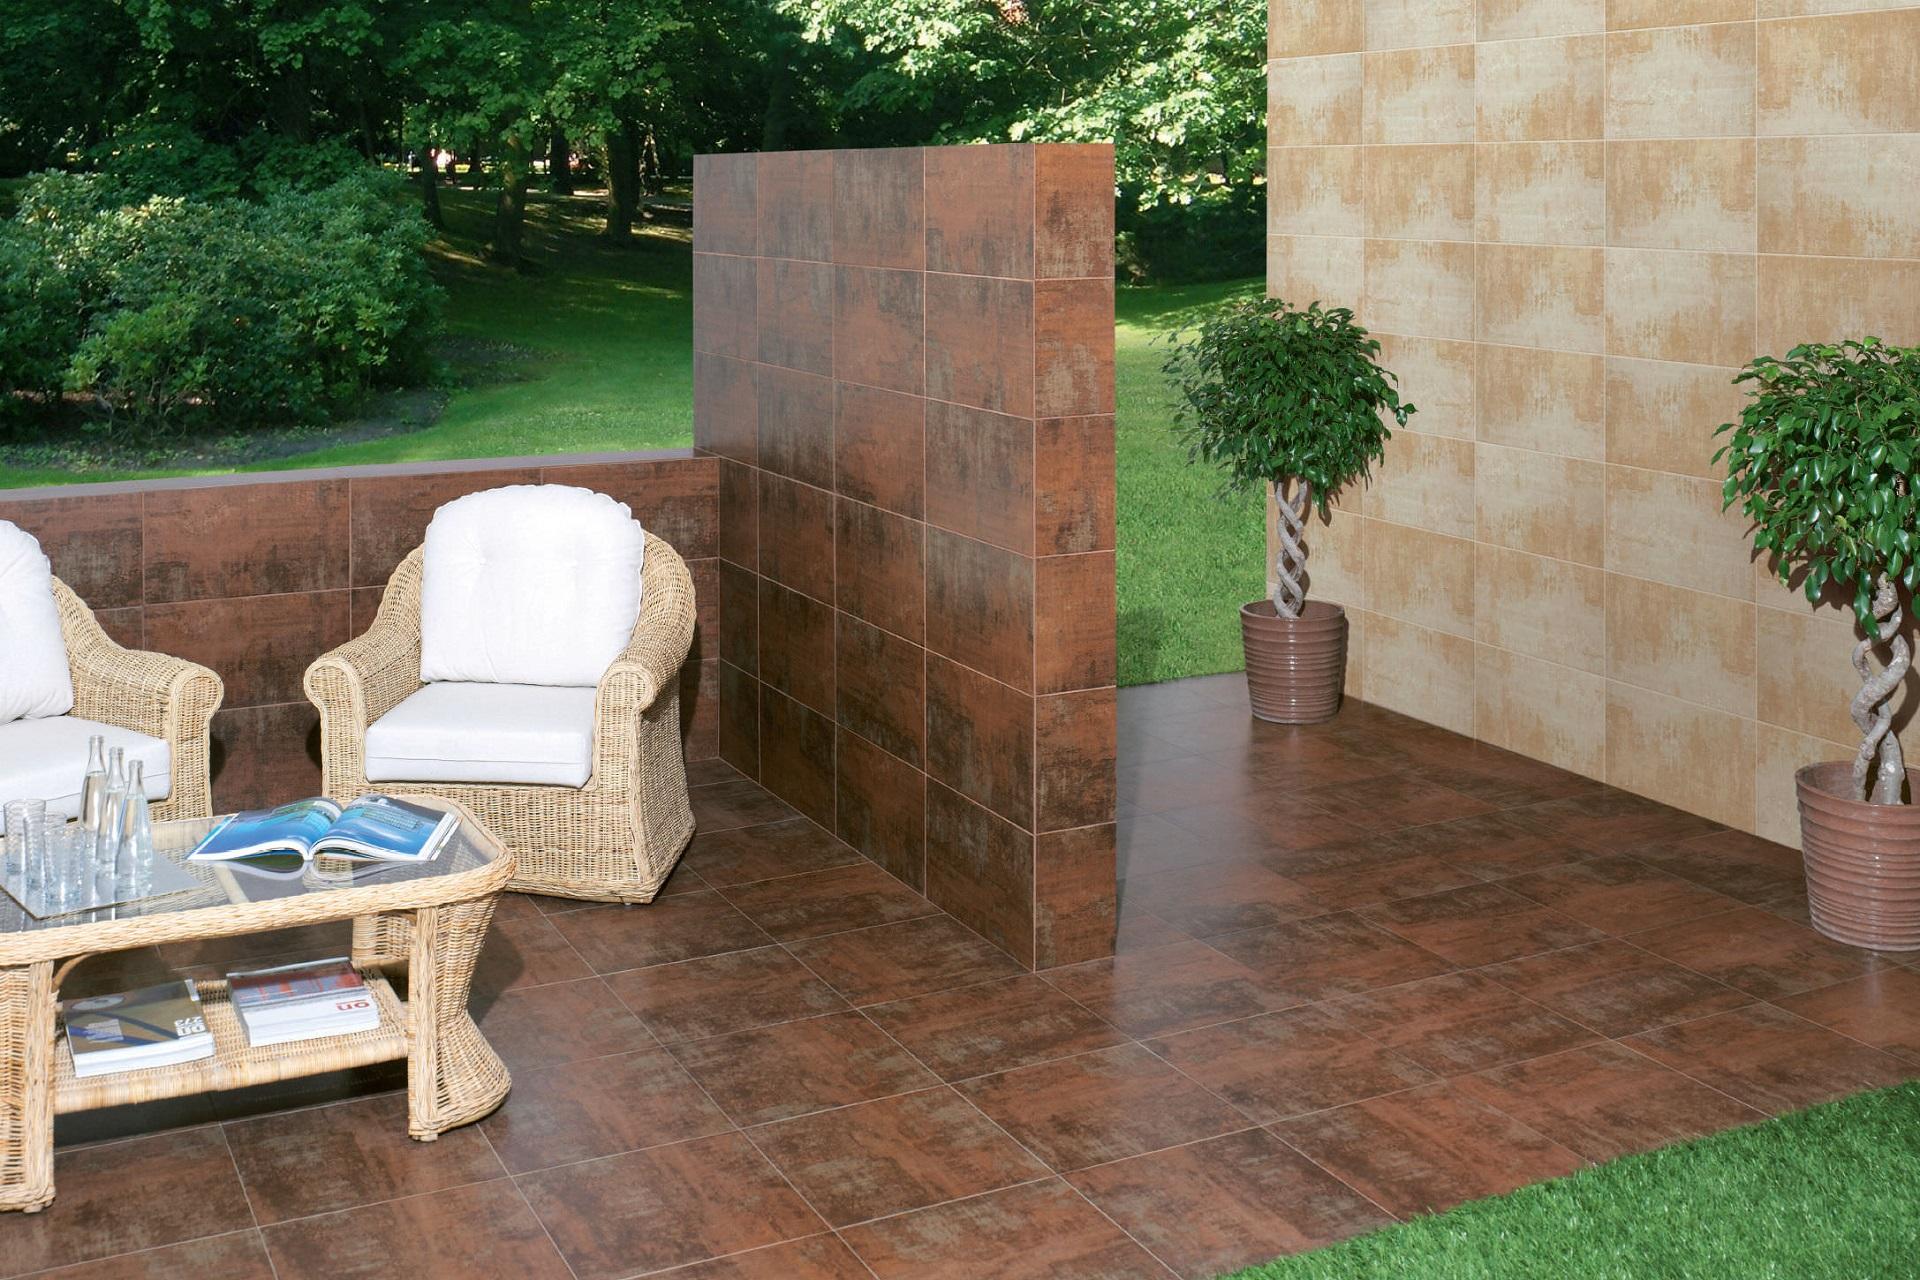 Sử dụng gạch ốp tường ngoài trời giúp cho ngôi nhà bền vững hơn.